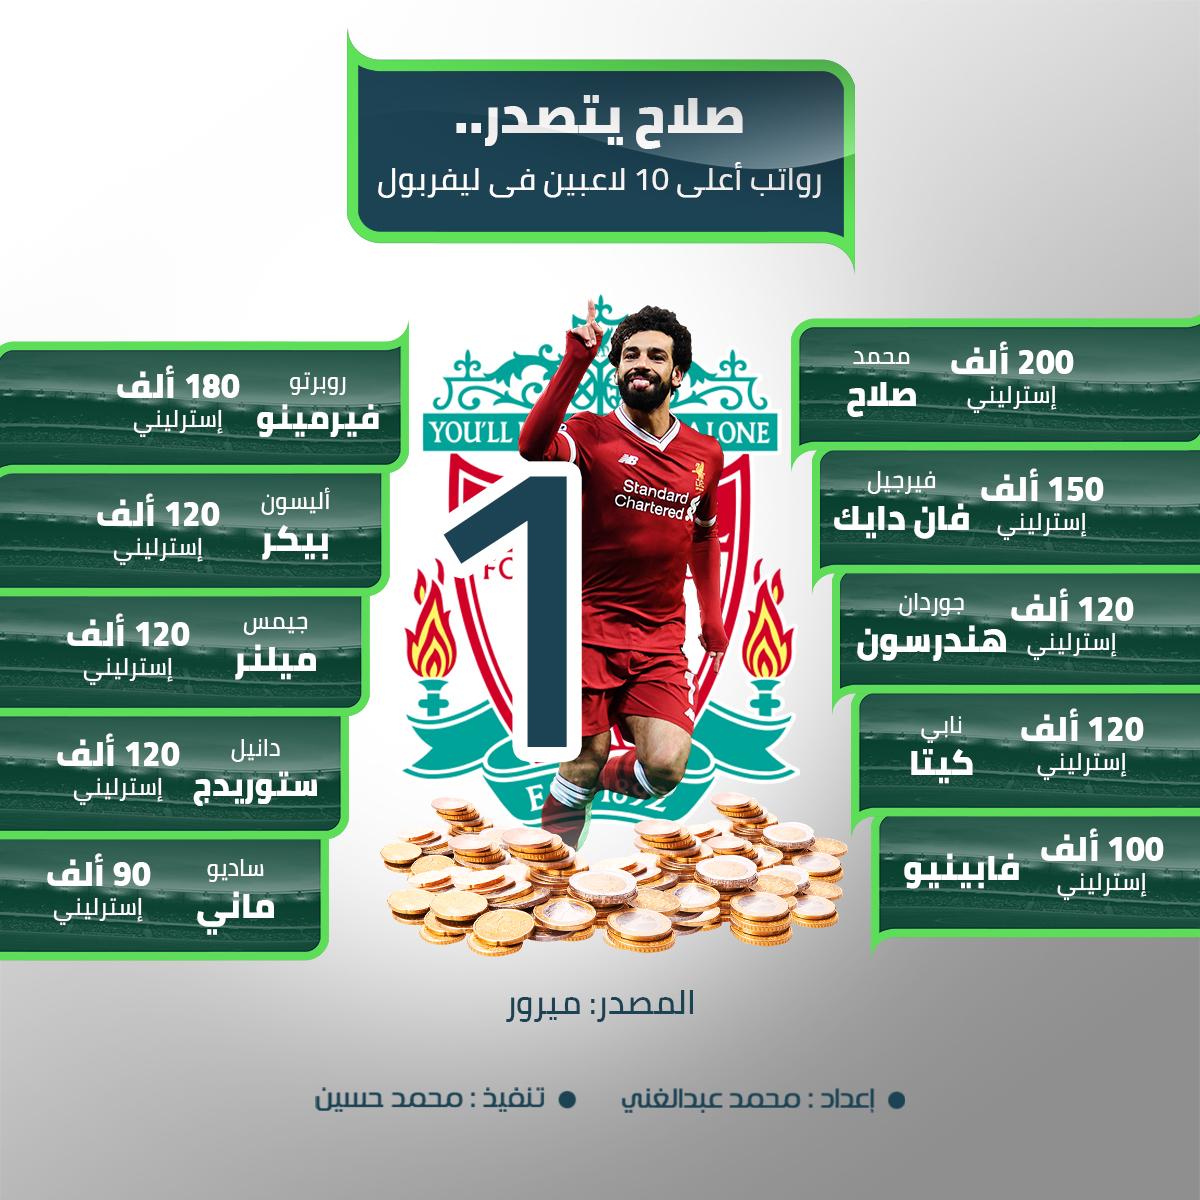 صلاح يتصدر..  رواتب أعلى 10 لاعبين فى ليفربول